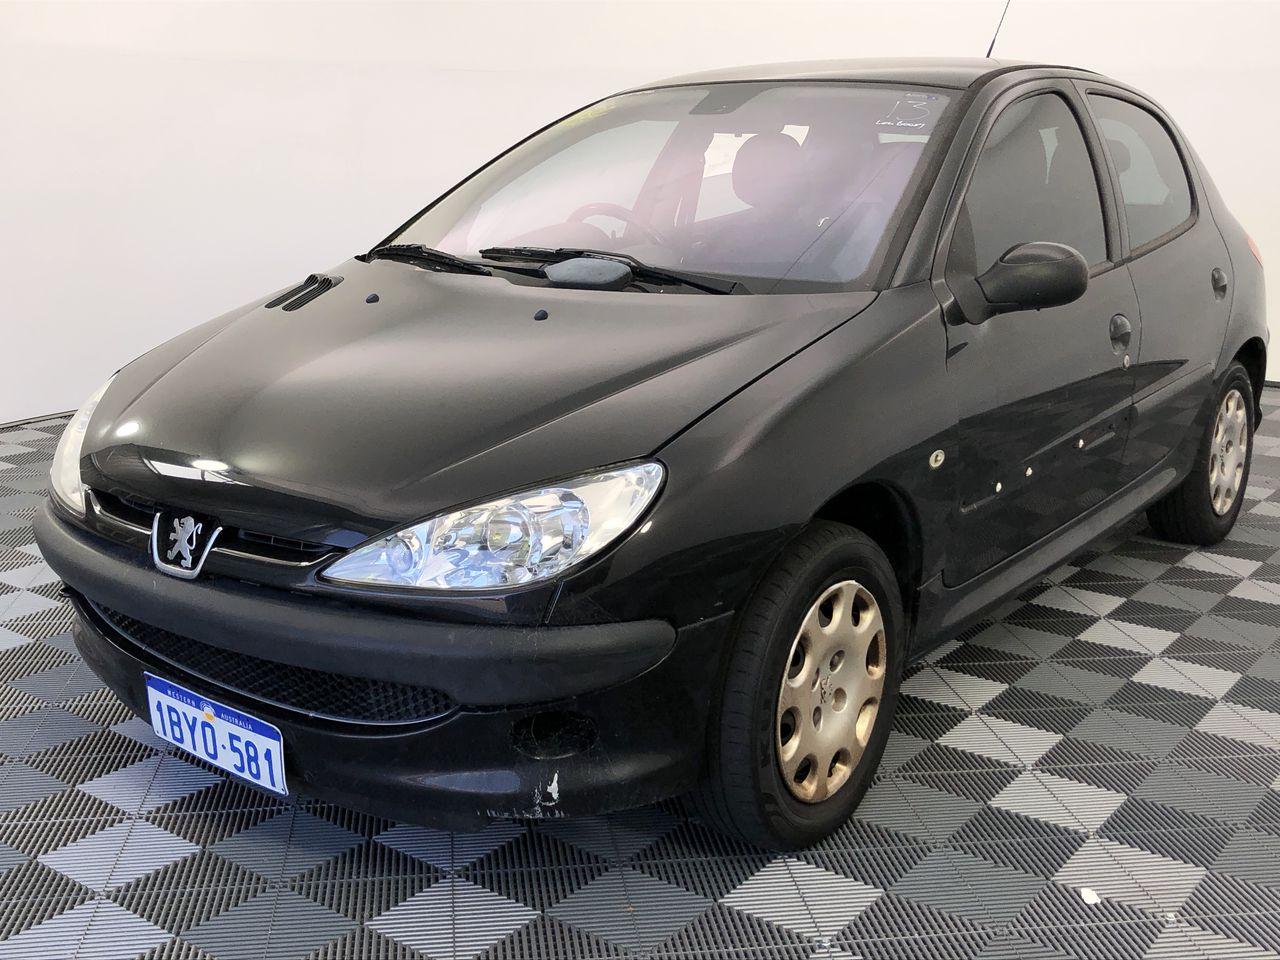 2005 Peugeot 206 XT Automatic Hatchback